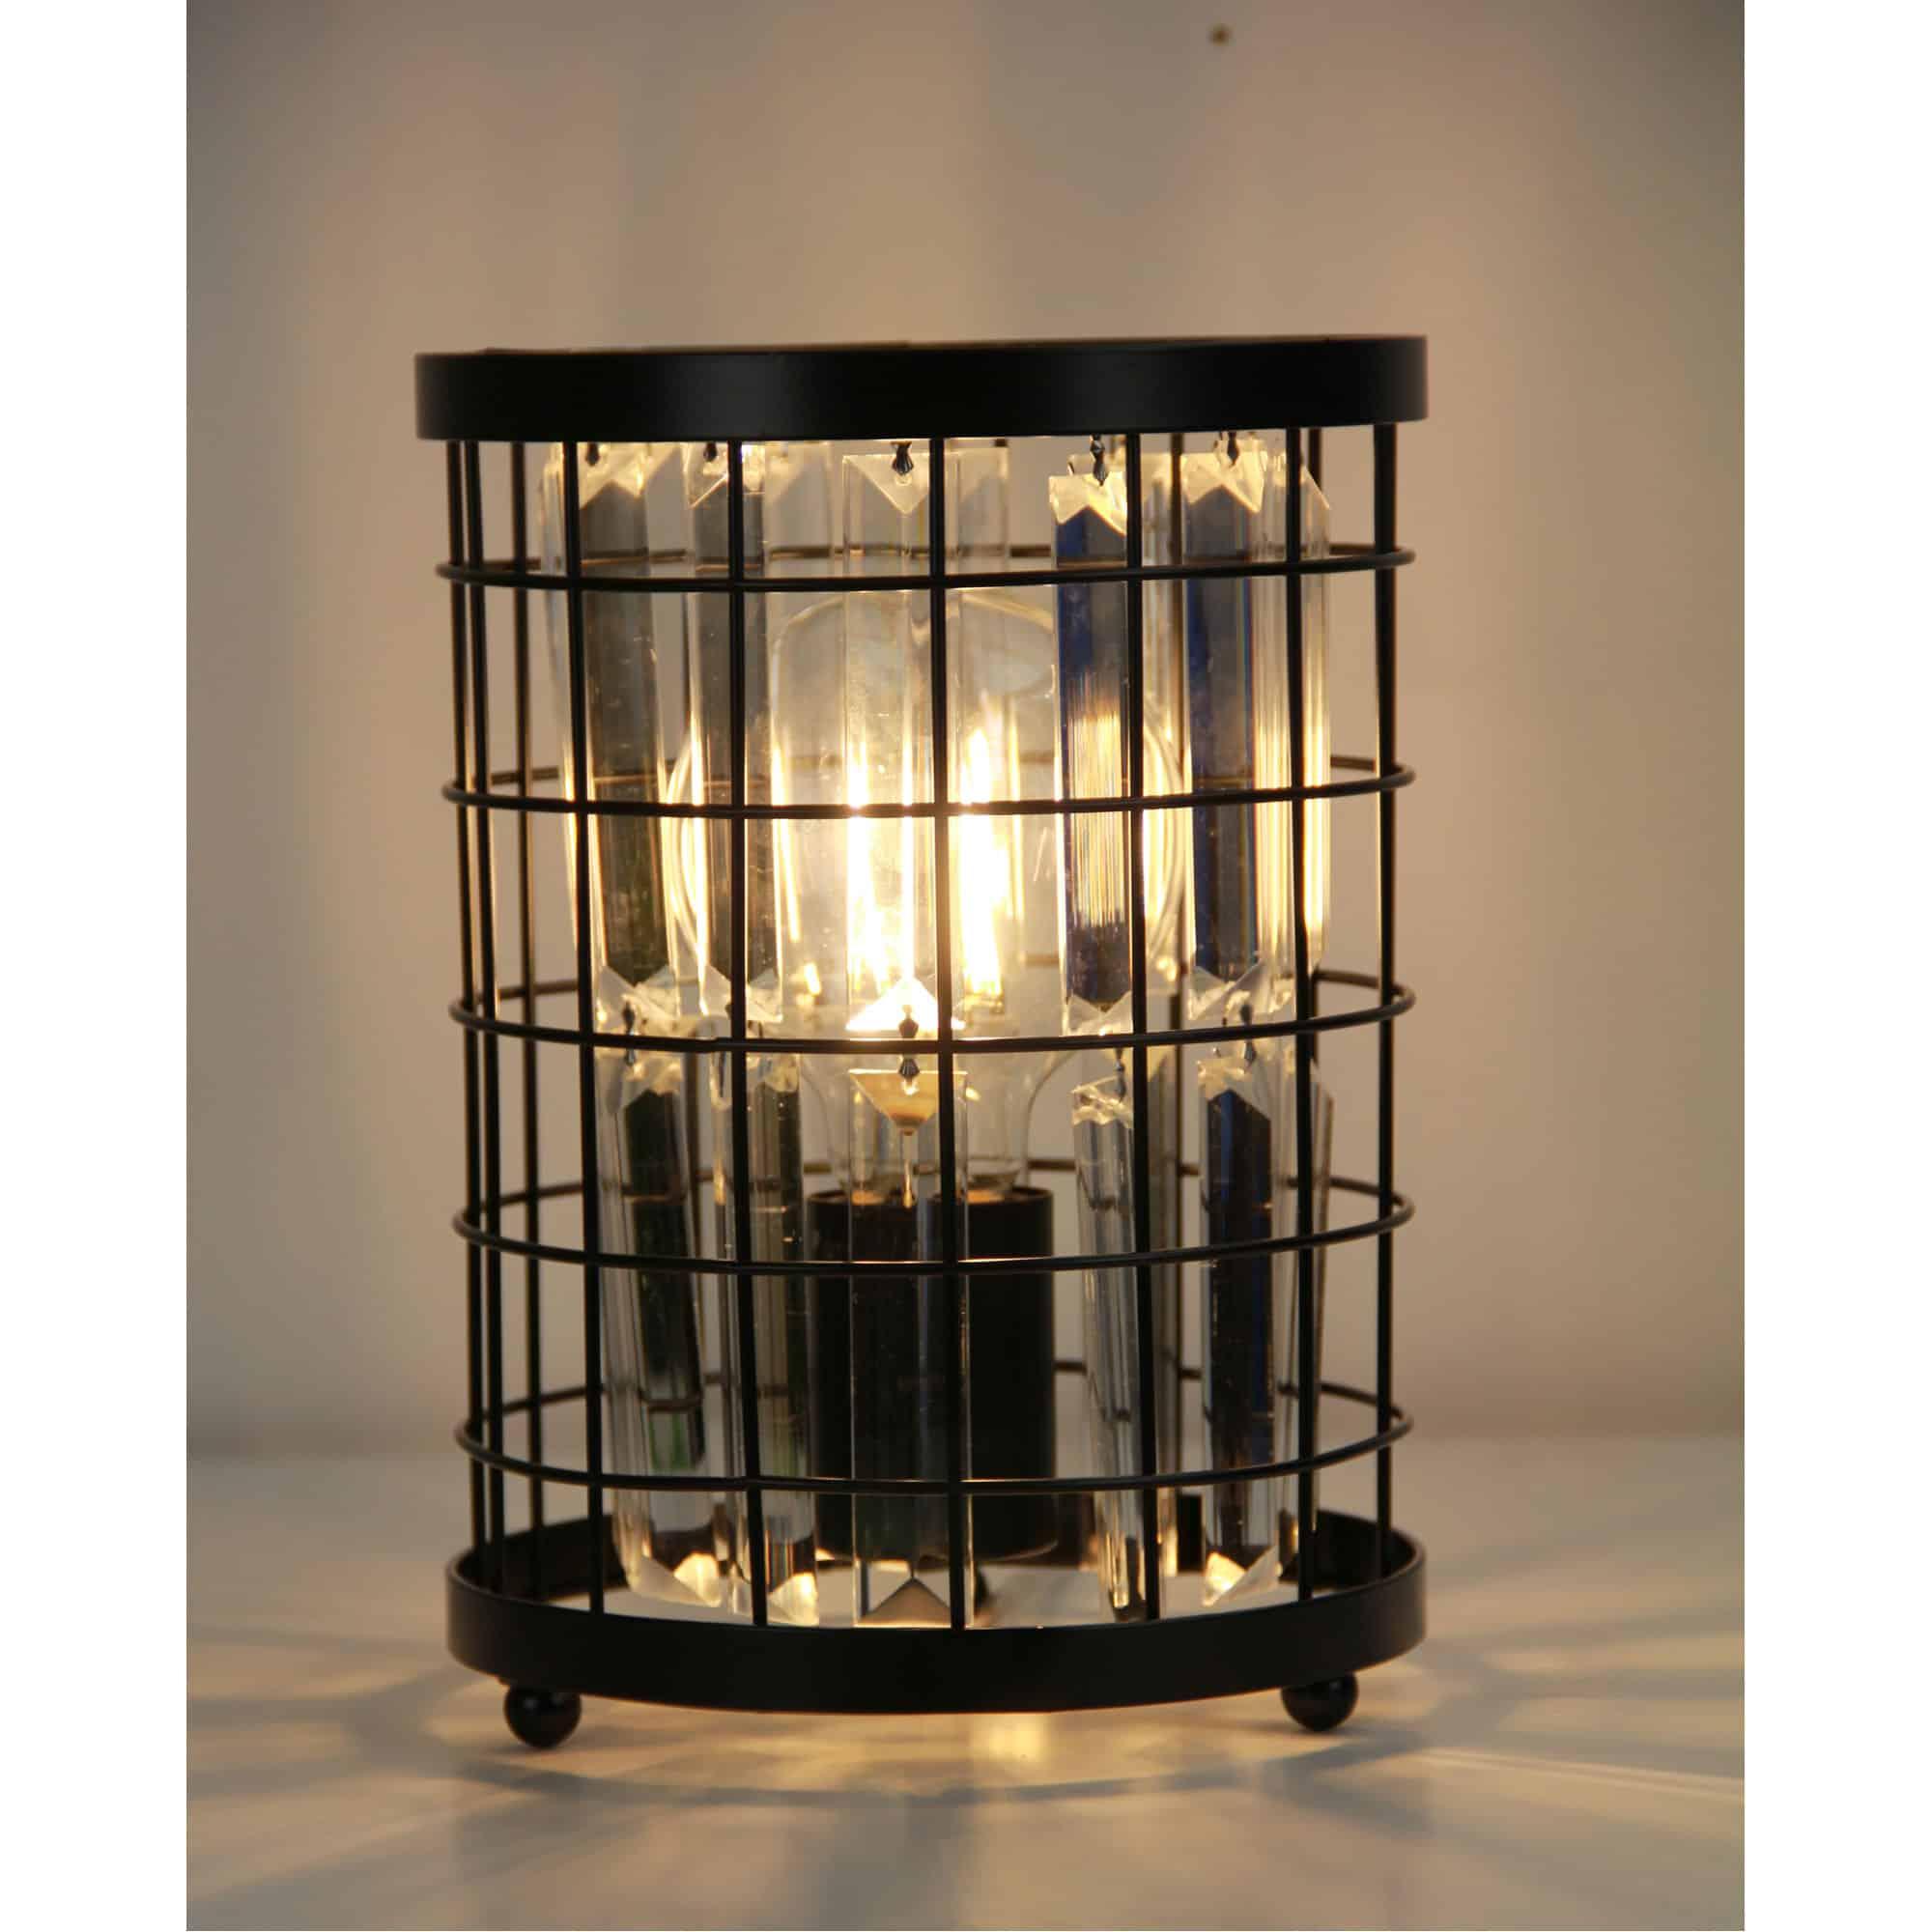 Delaware Table Lamp Andrews Light Up